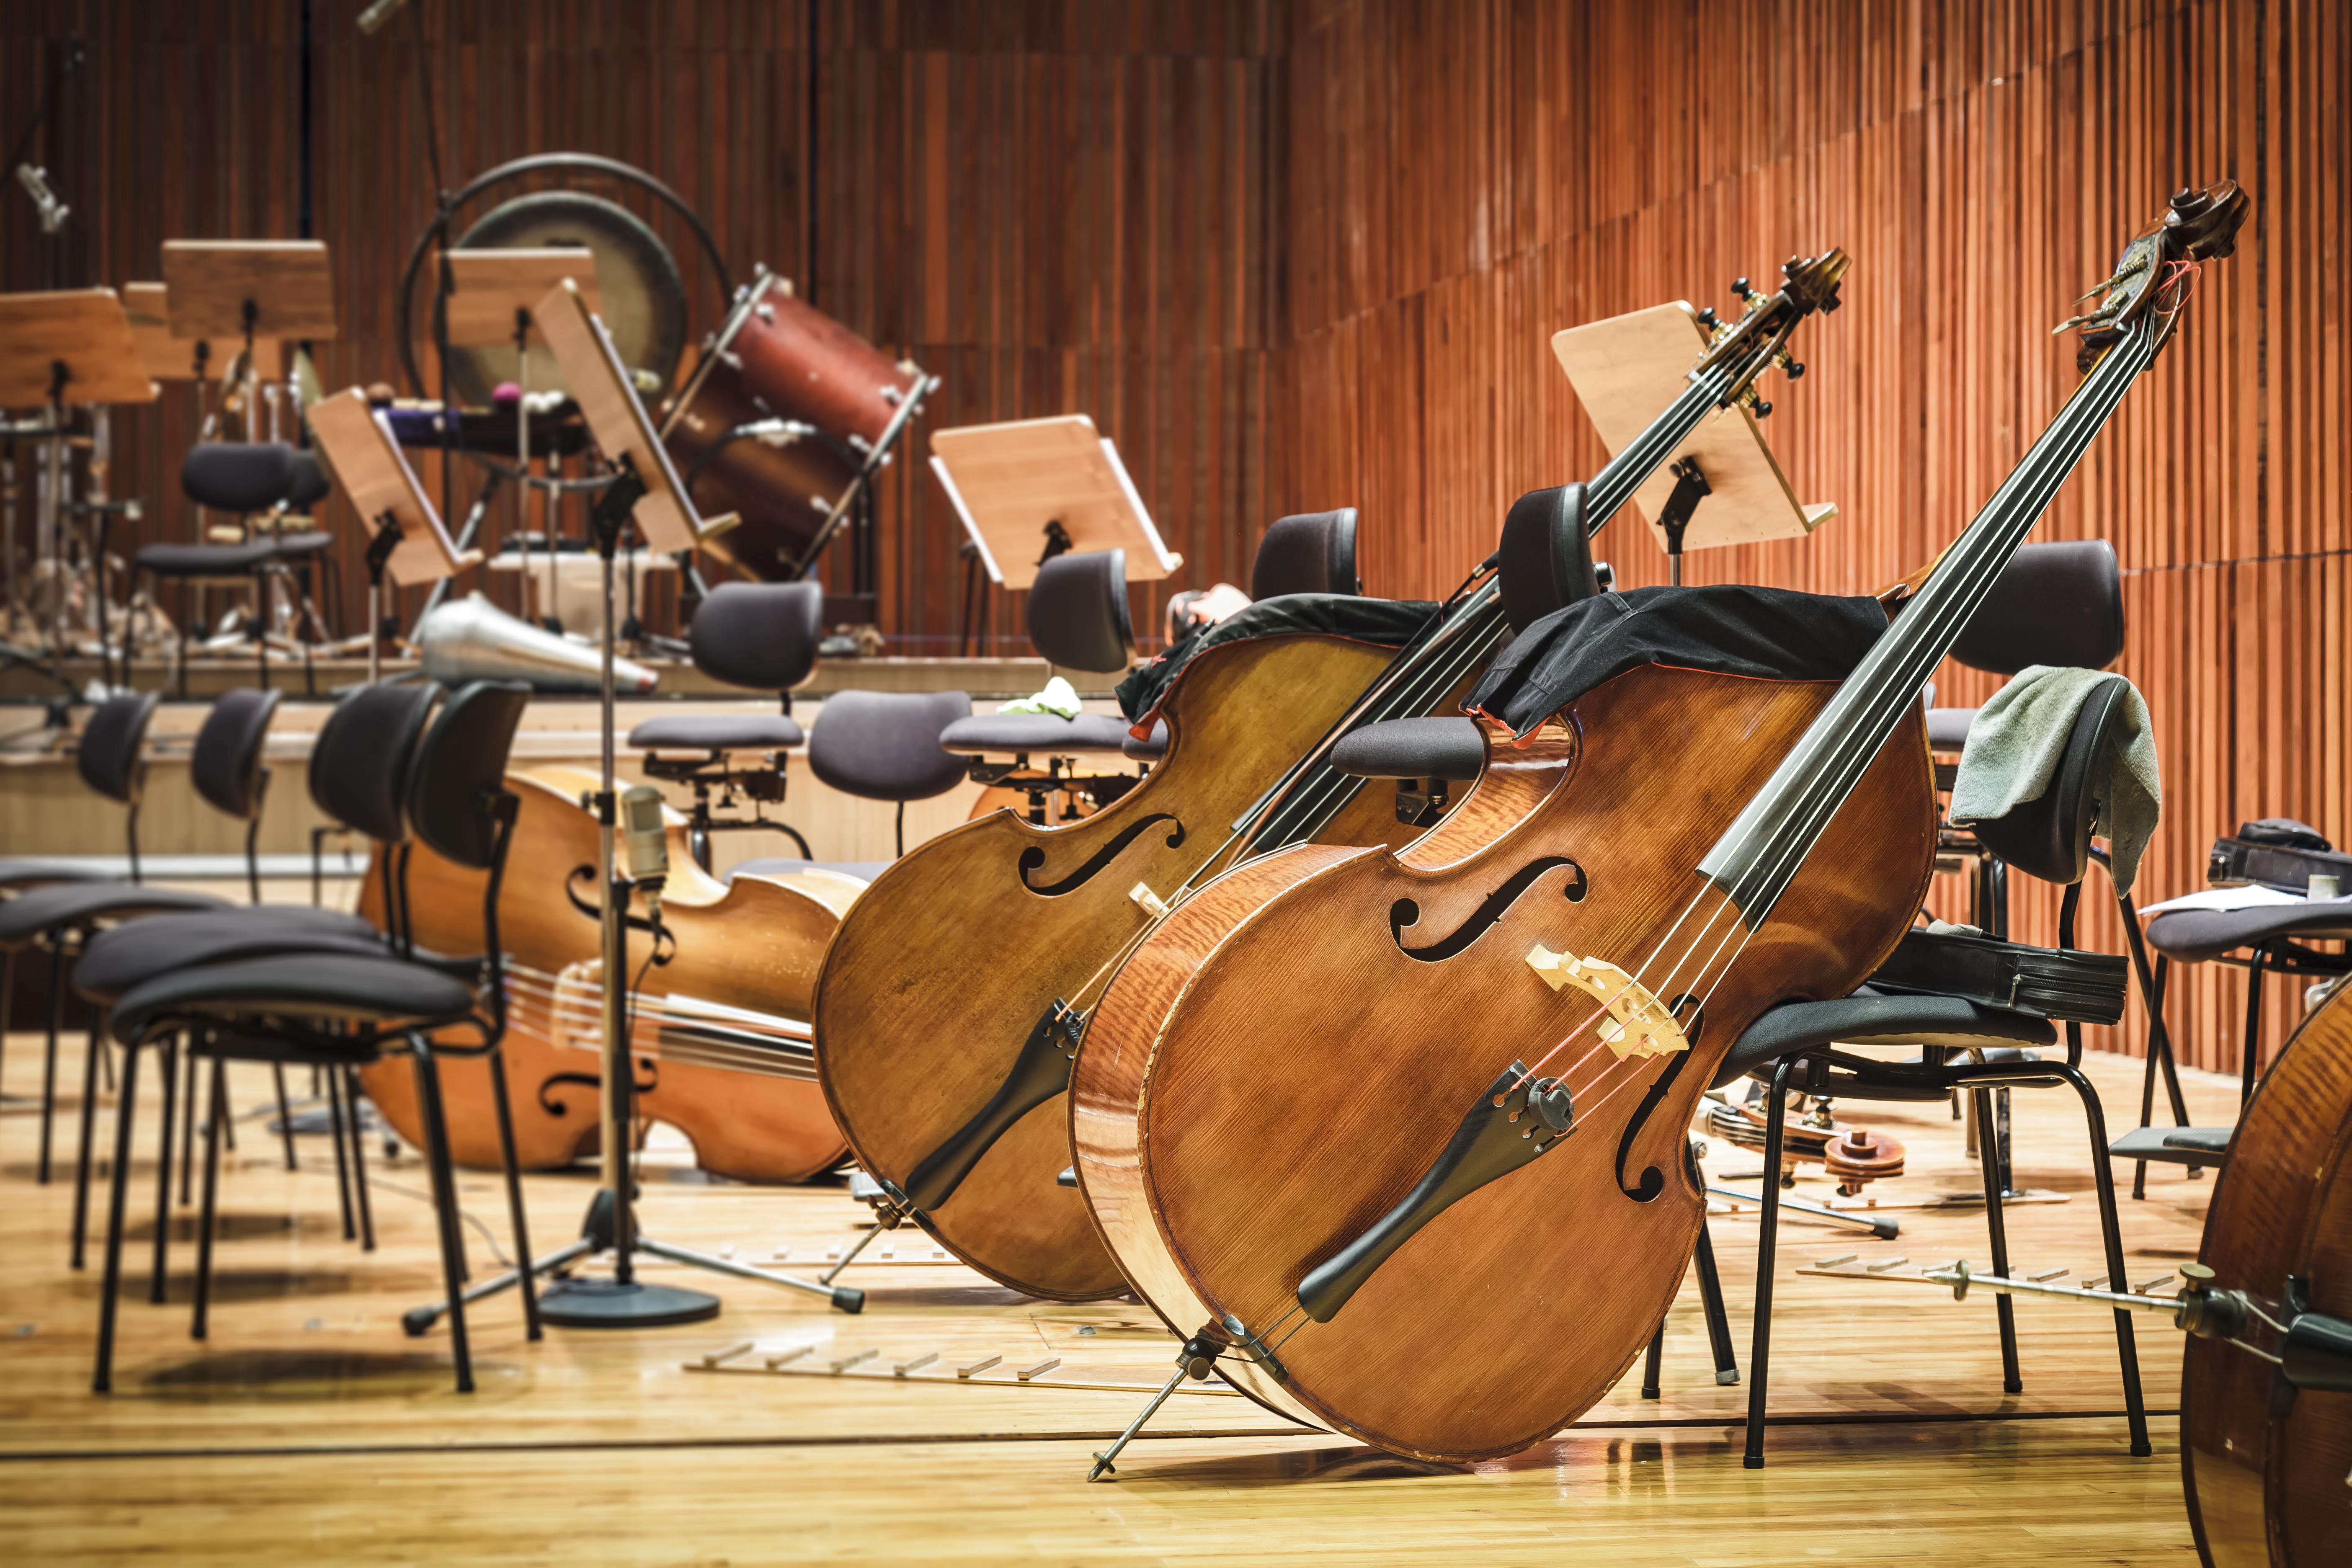 Volete acquistare uno strumento, ma non sapete da dove iniziare? Seguite la nostra guida su tutto ciò che c'è da sapere sull'acquisto di strumenti musicali.